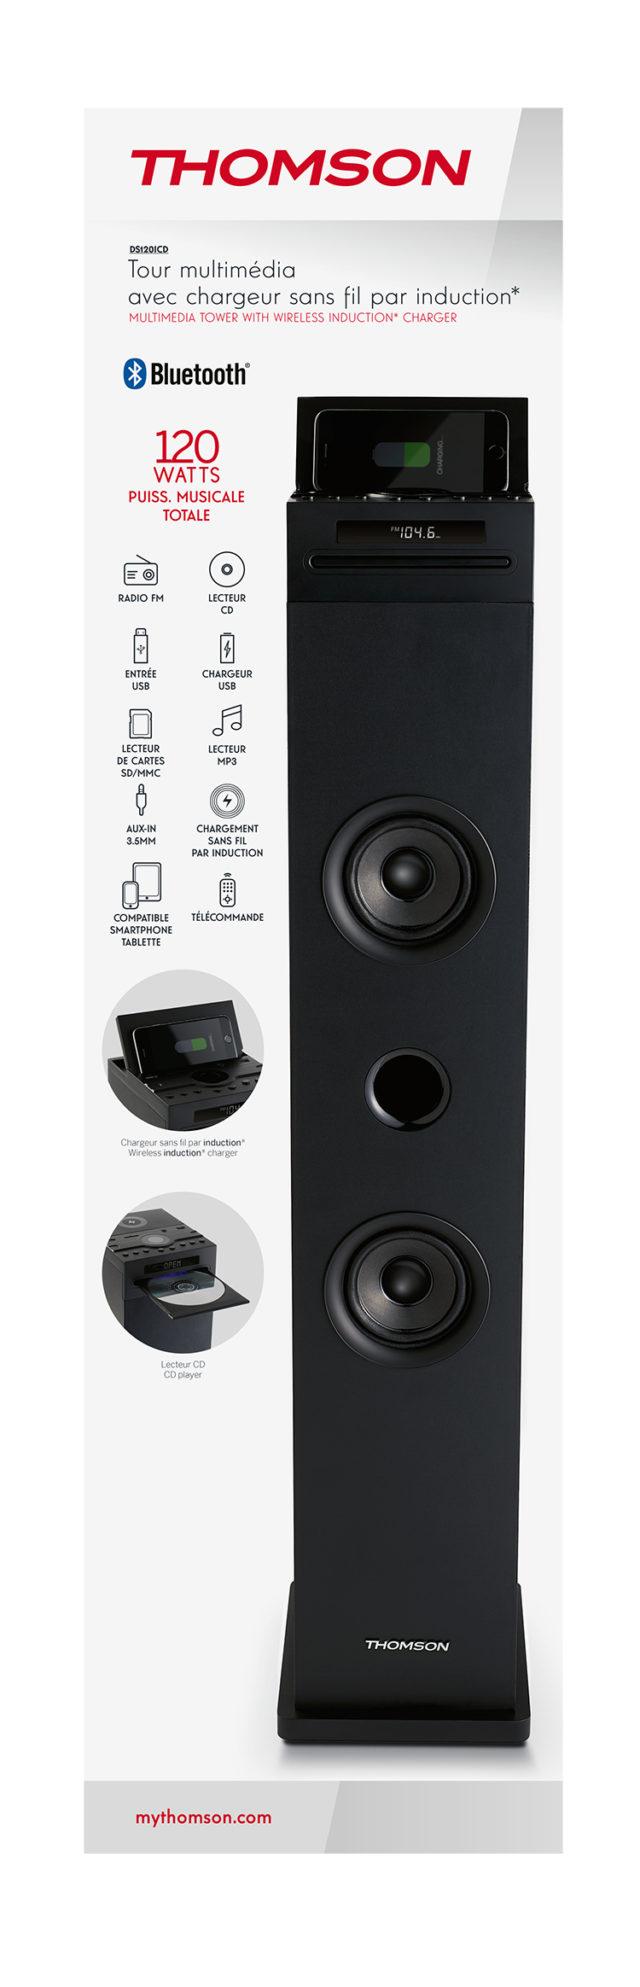 Tour multimédia avec chargeur sans fil DS120ICD THOMSON – Visuel#2tutu#4tutu